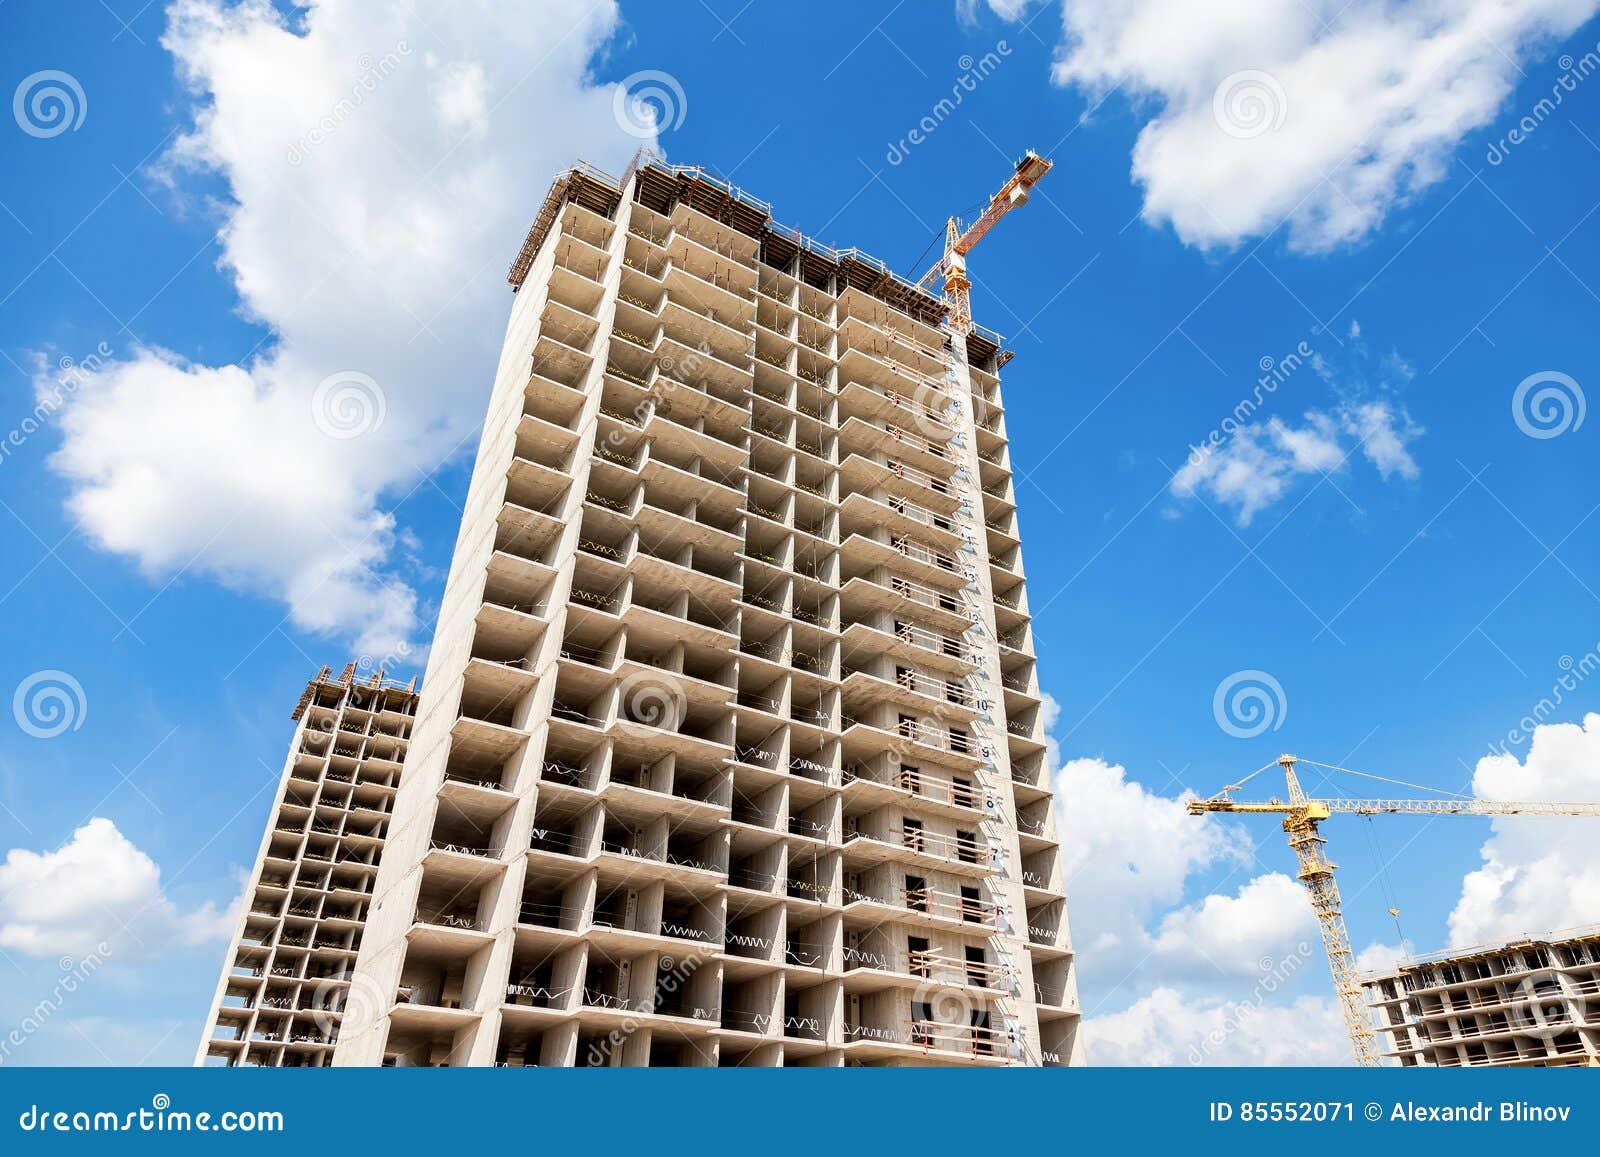 Hohe Wohngebäude im Bau mit Kränen gegen